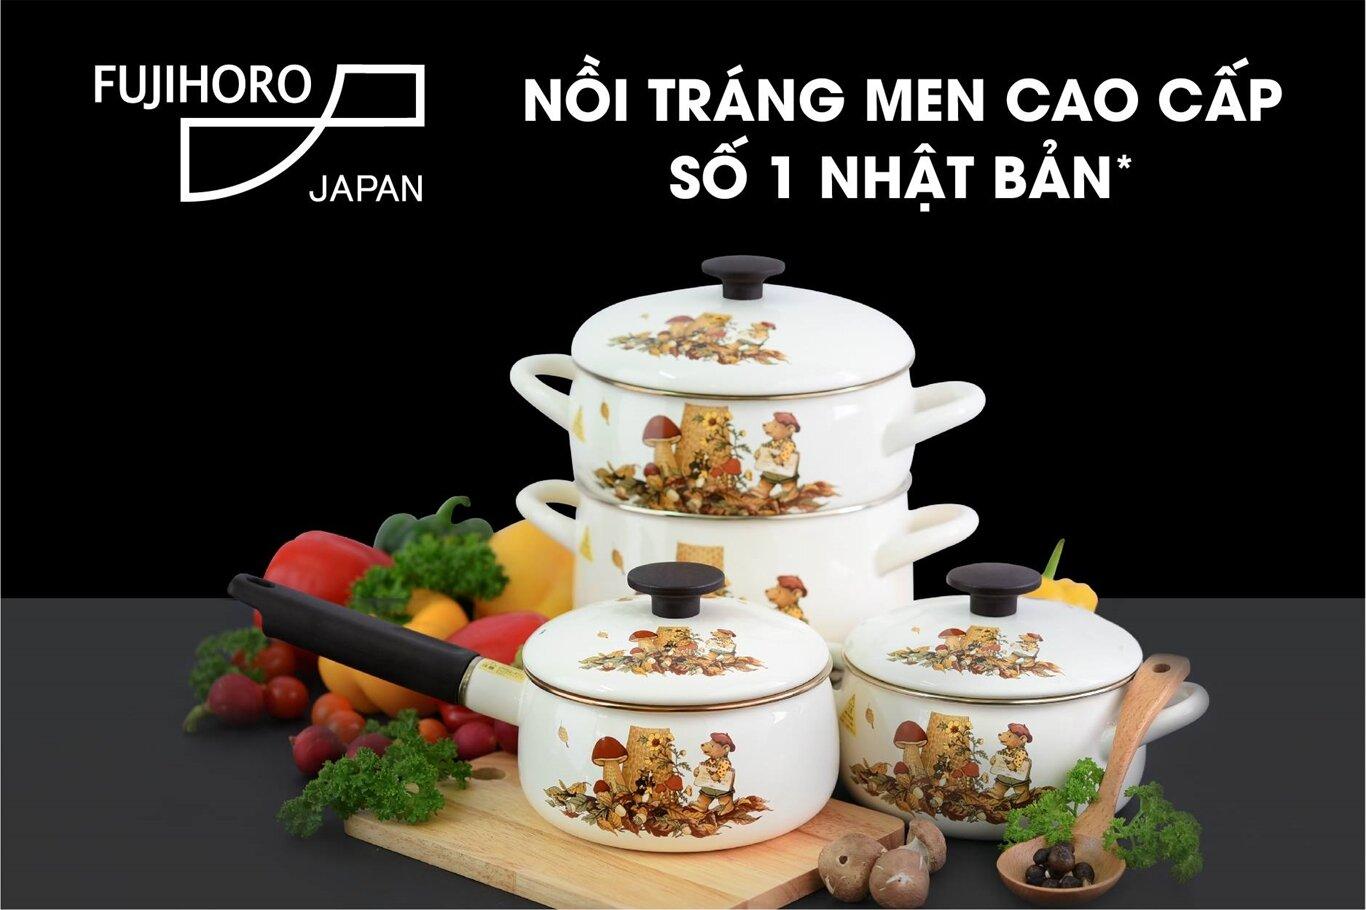 Nồi nấu bếp từ của Nhật an toàn, hiệu quả được người dùng rất ưa chuộng sử dụng